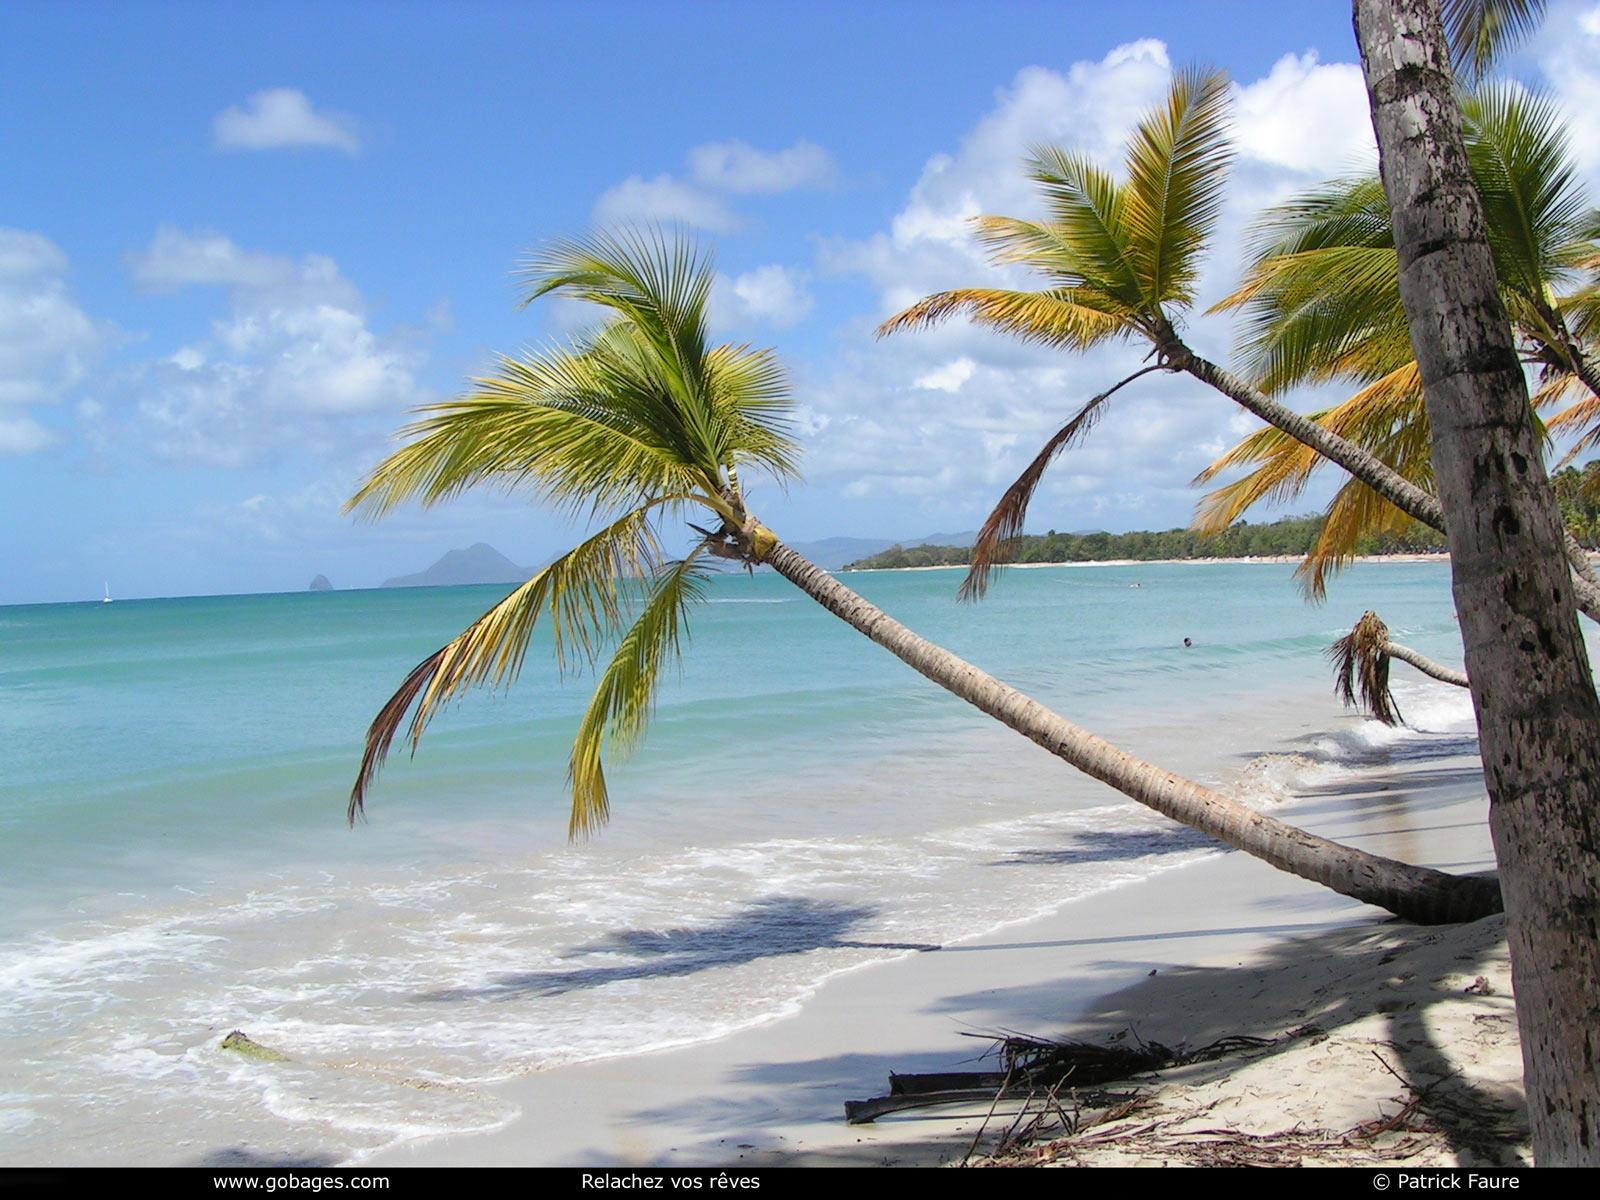 Martinique Peche A La Mouche